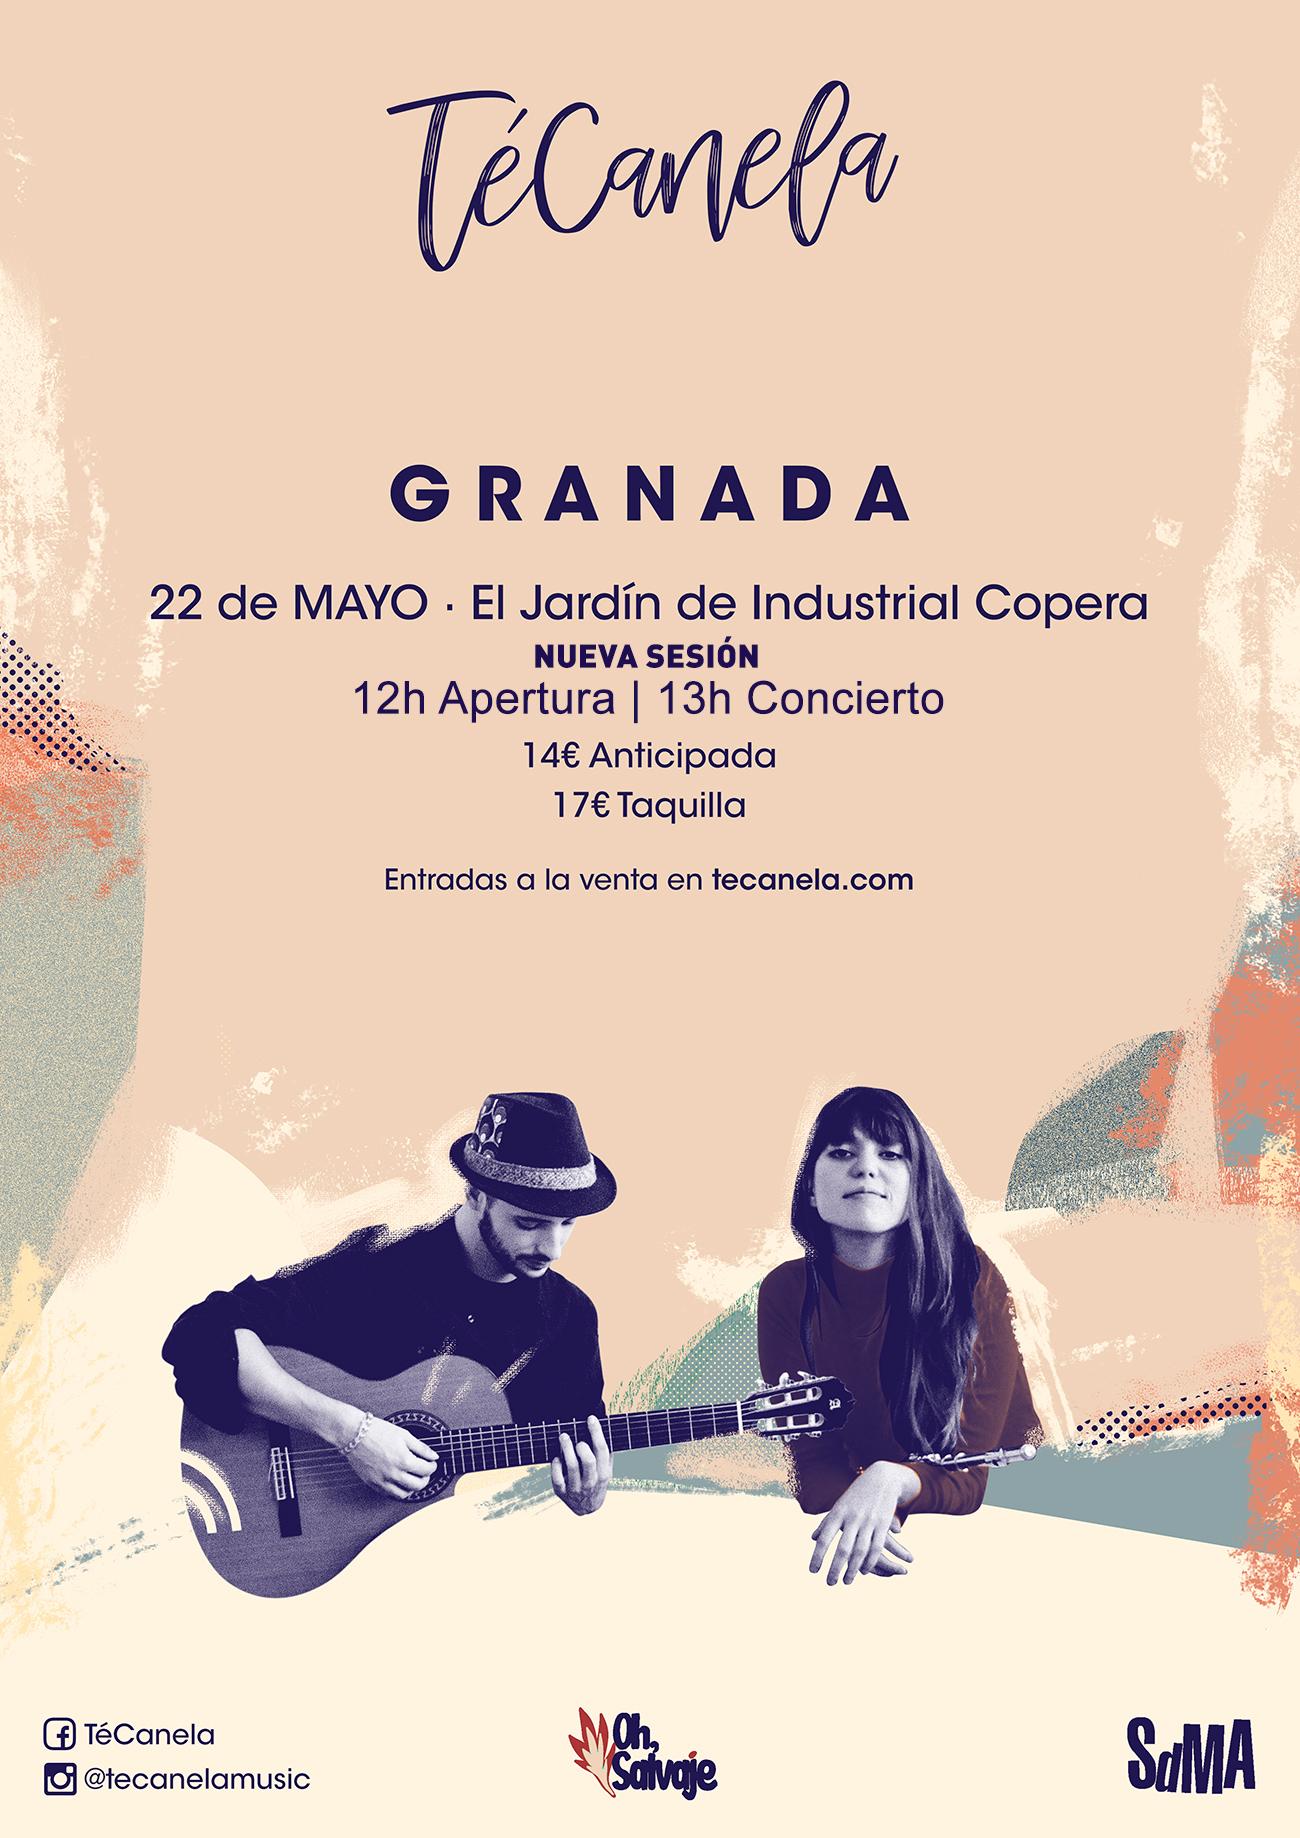 TeCanela Granada Segunda Sesión Oh Salvaje Industrial Copera